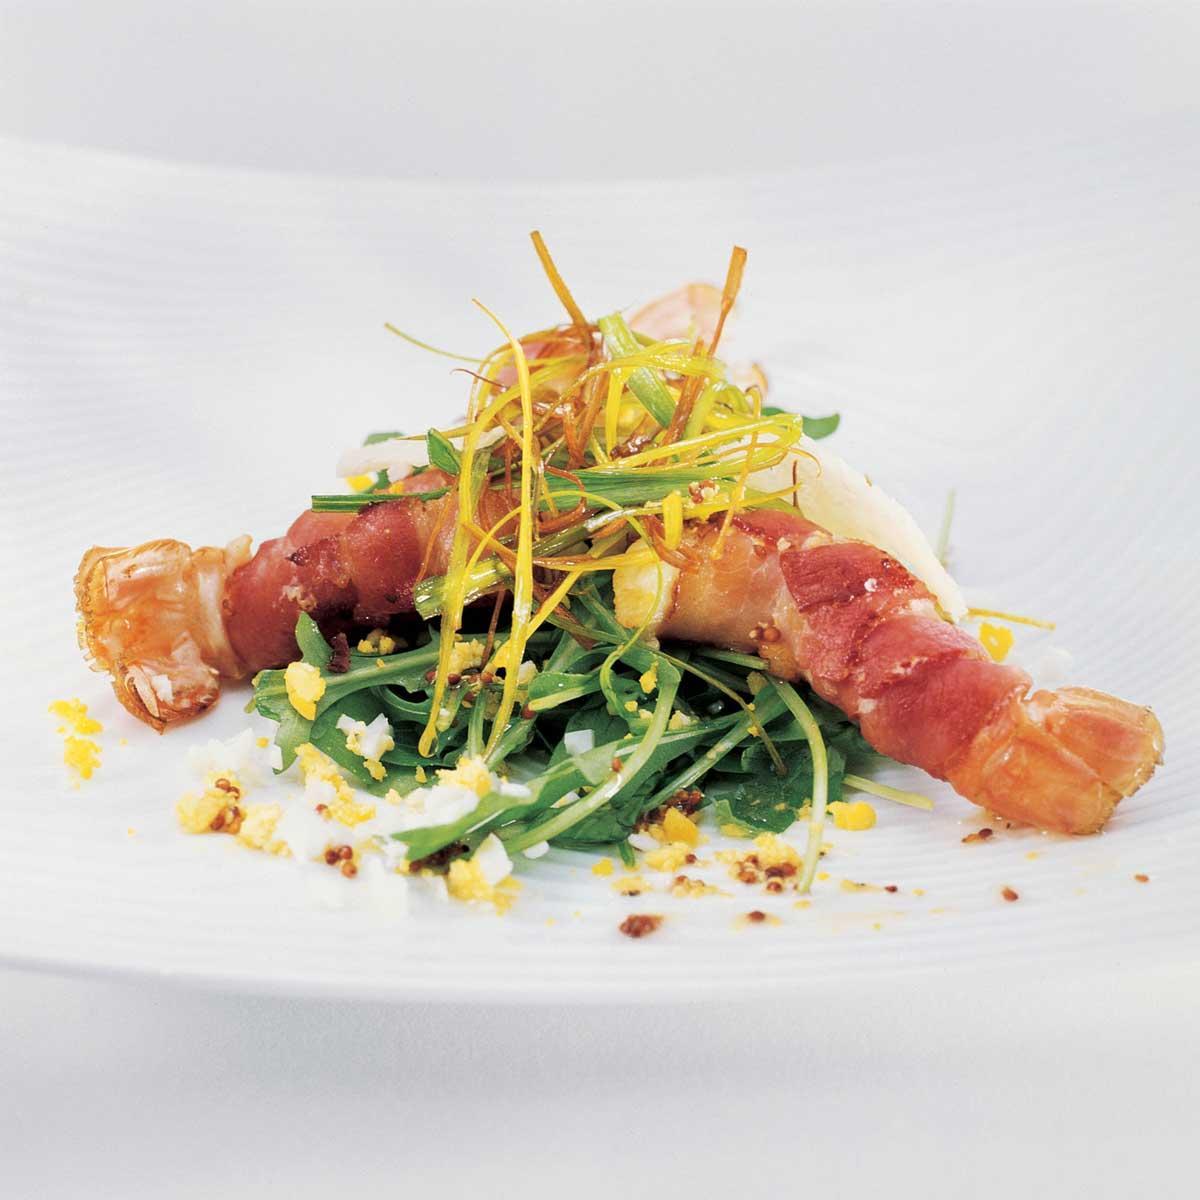 Recette salade de langoustines cuisine madame figaro for Entree gastronomique